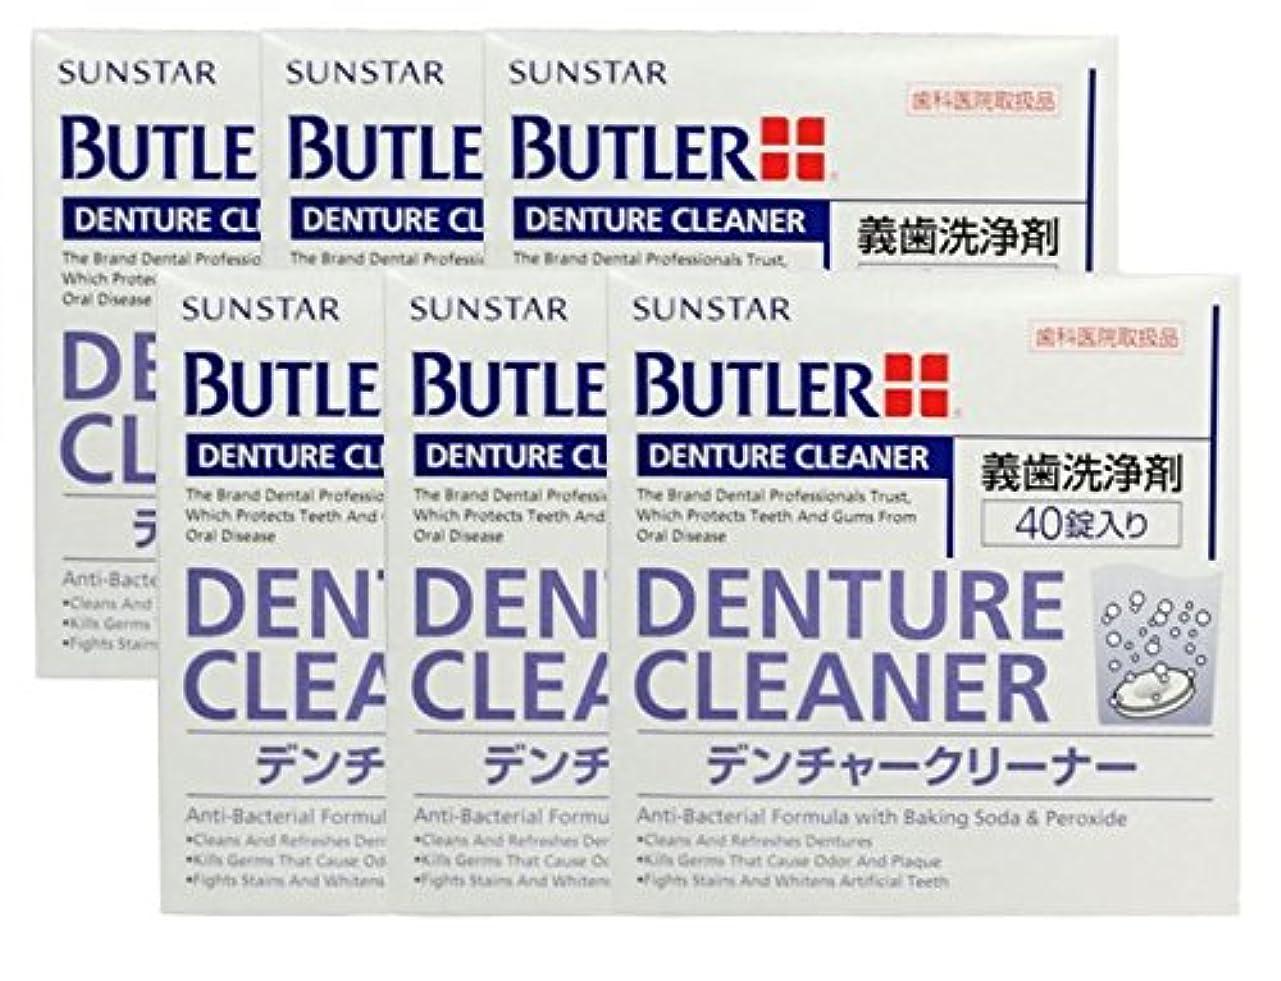 指導するどう?びんサンスター/バトラー歯科用バトラー デンチャークリーナー #250P 6箱 義歯洗浄剤 6個入/箱